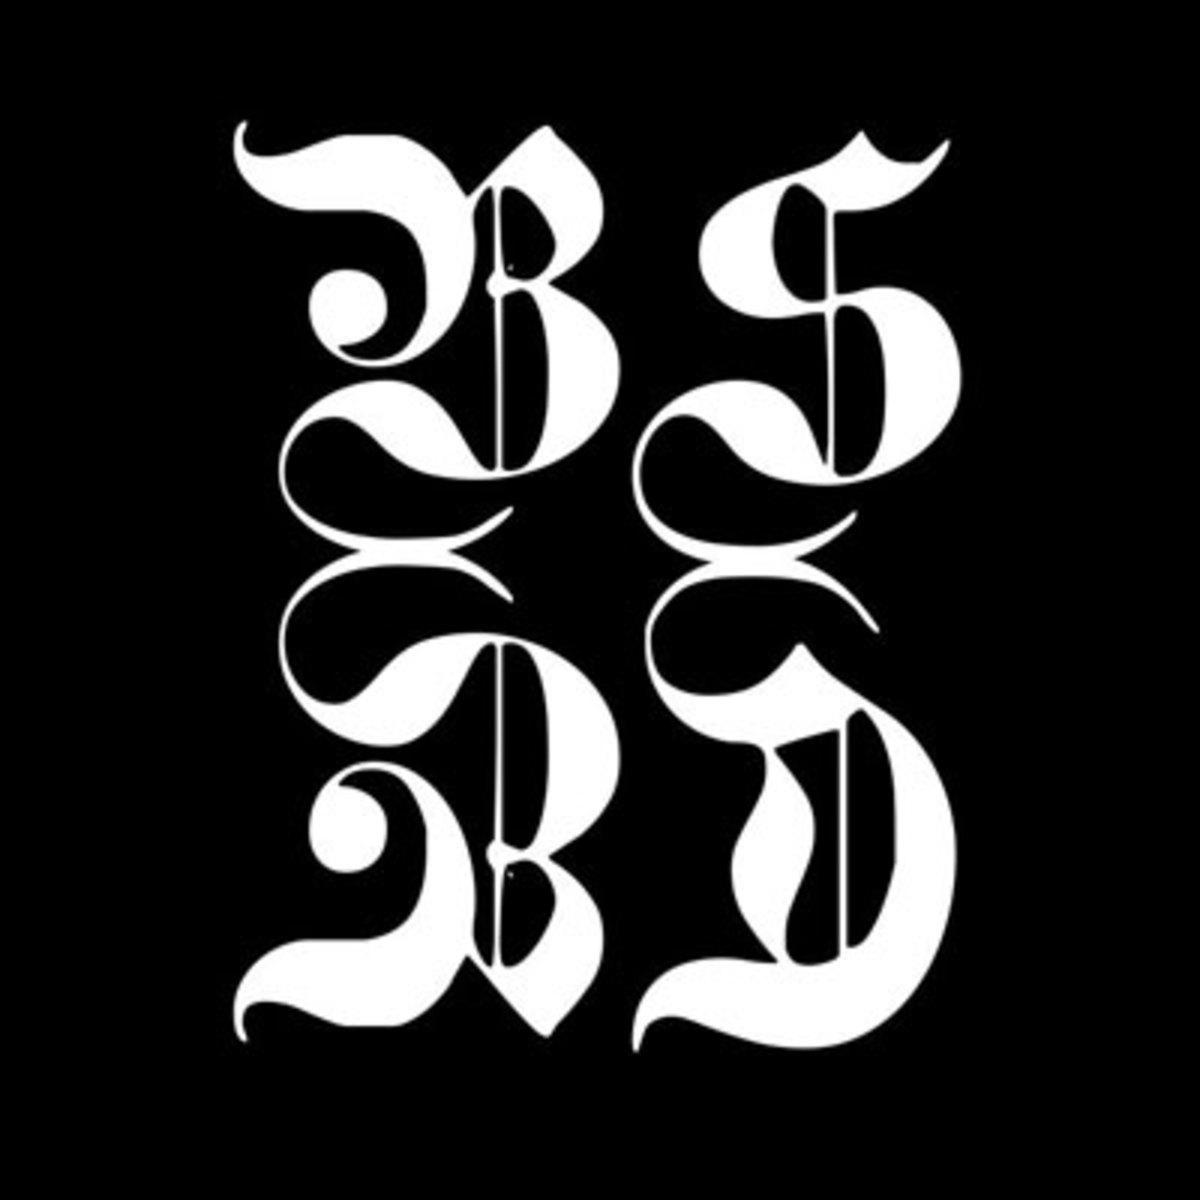 bsbd.jpg